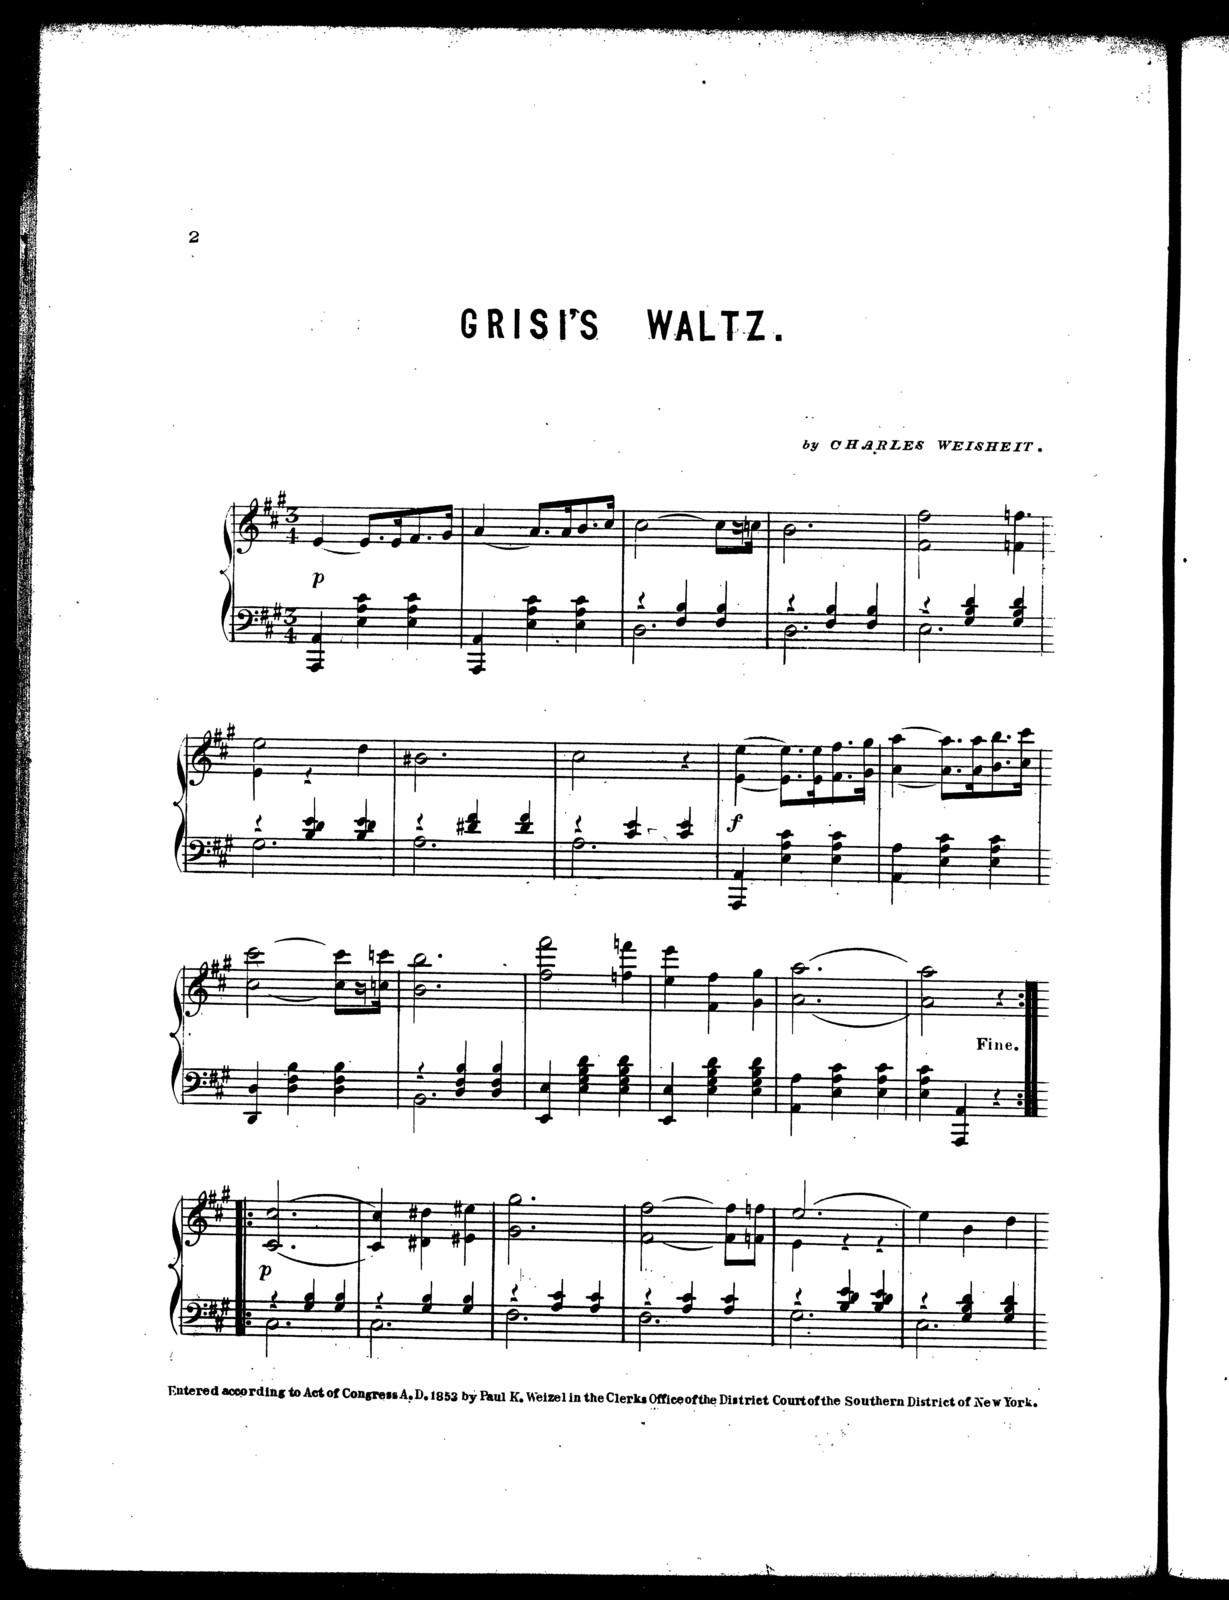 Grisi's waltz